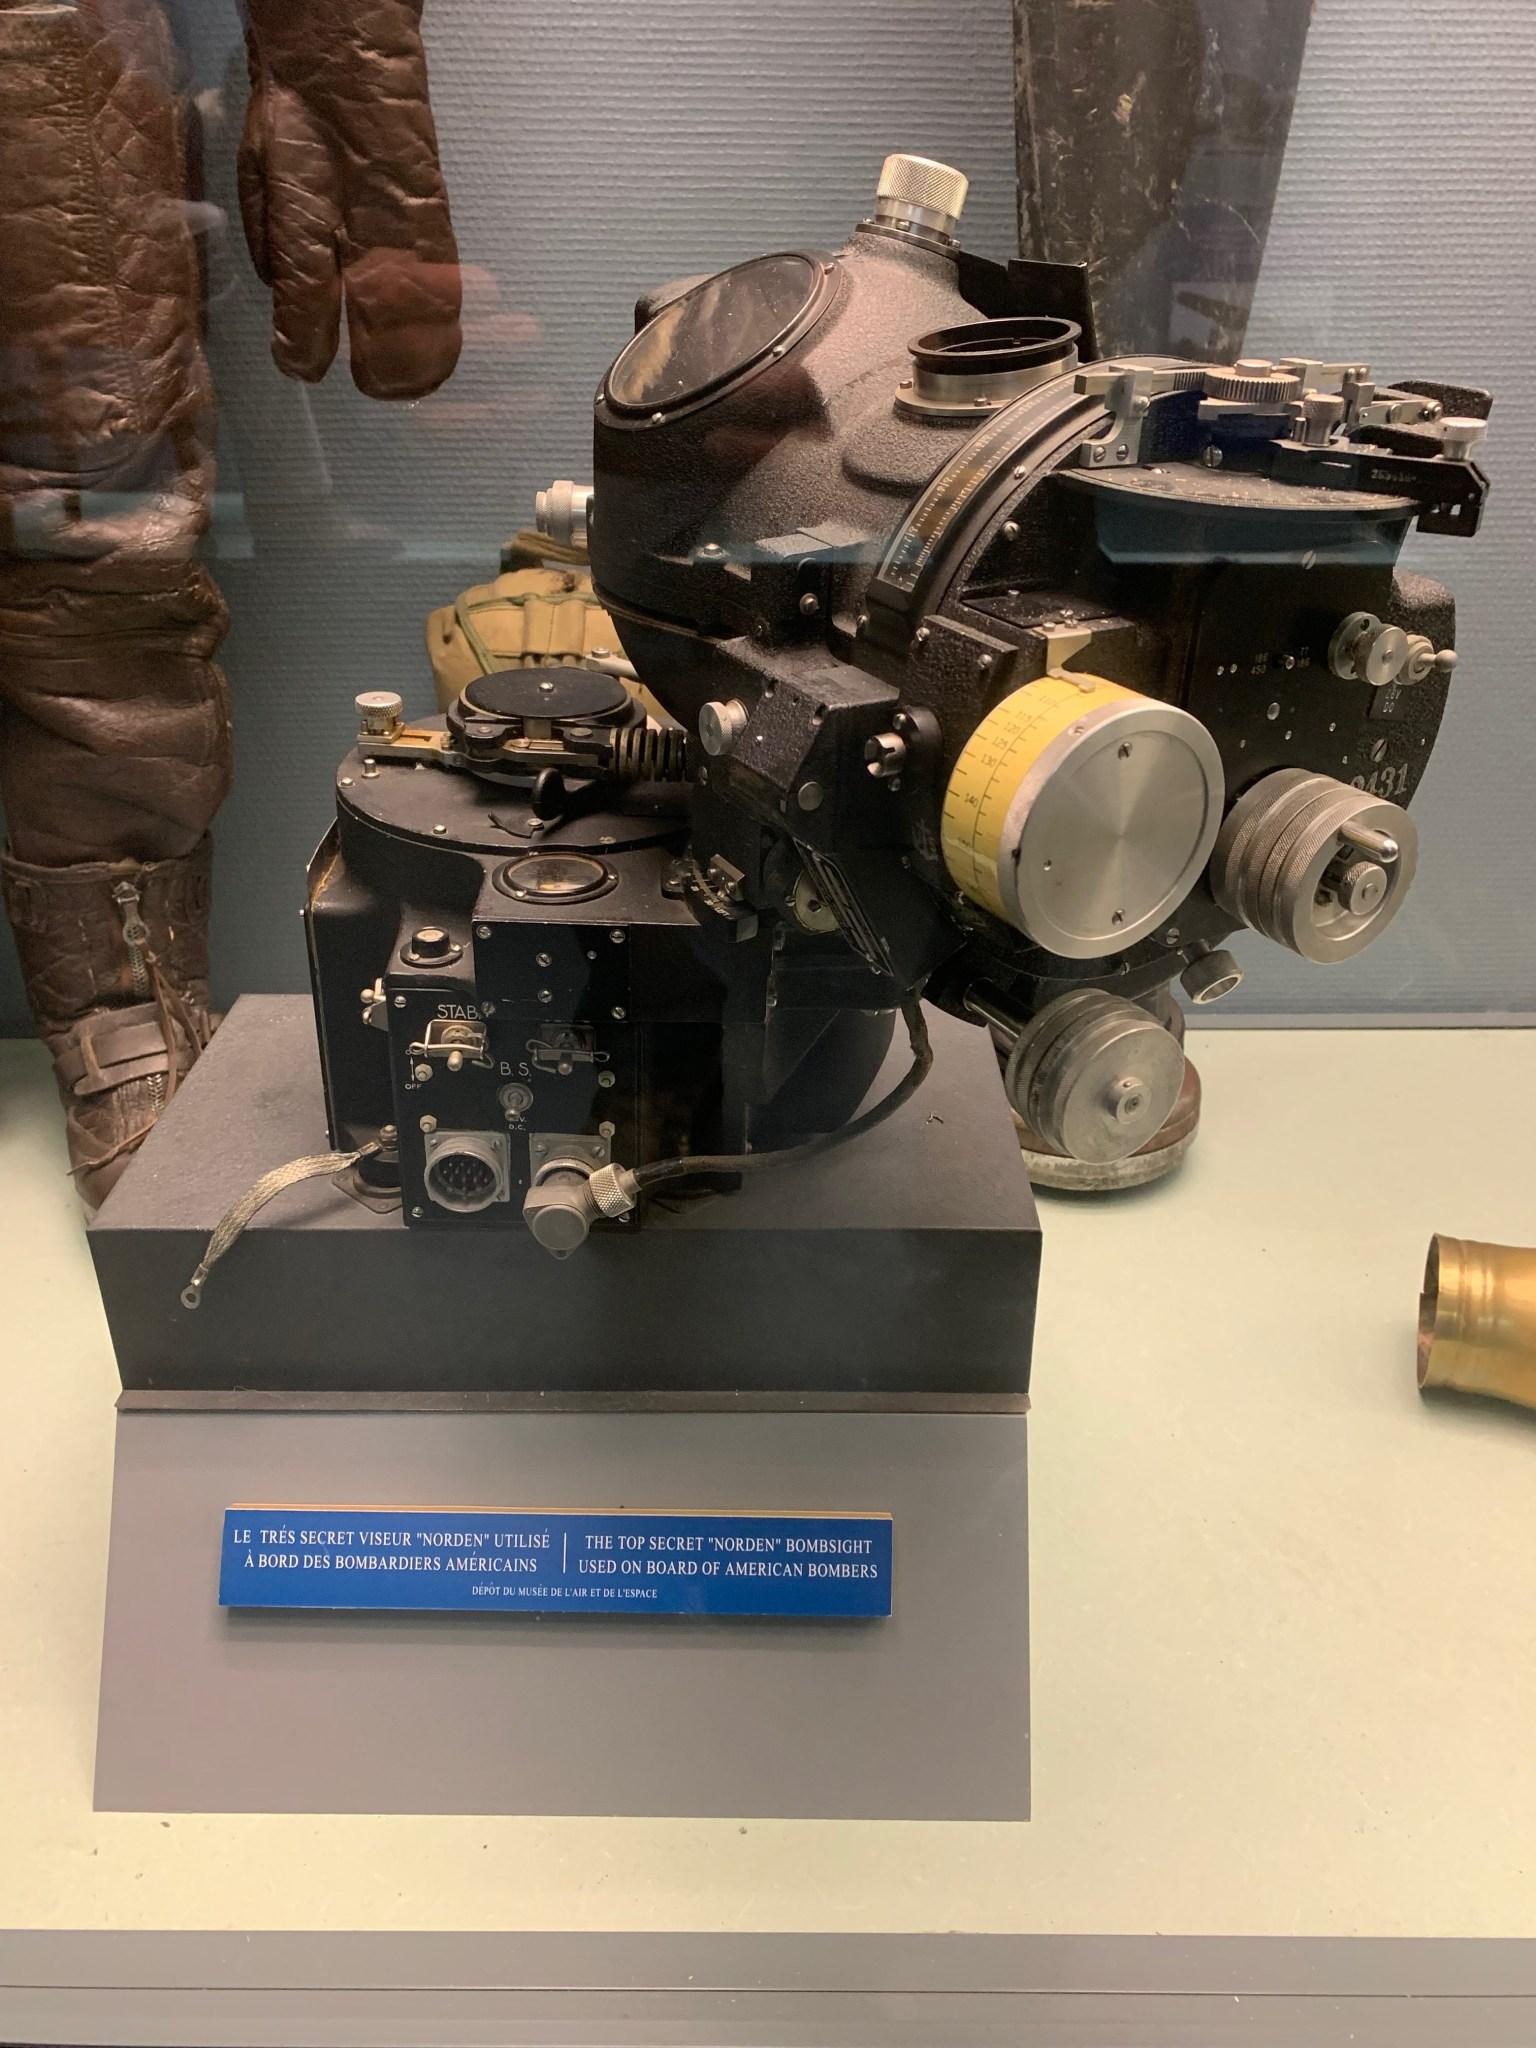 Norden Bombsite